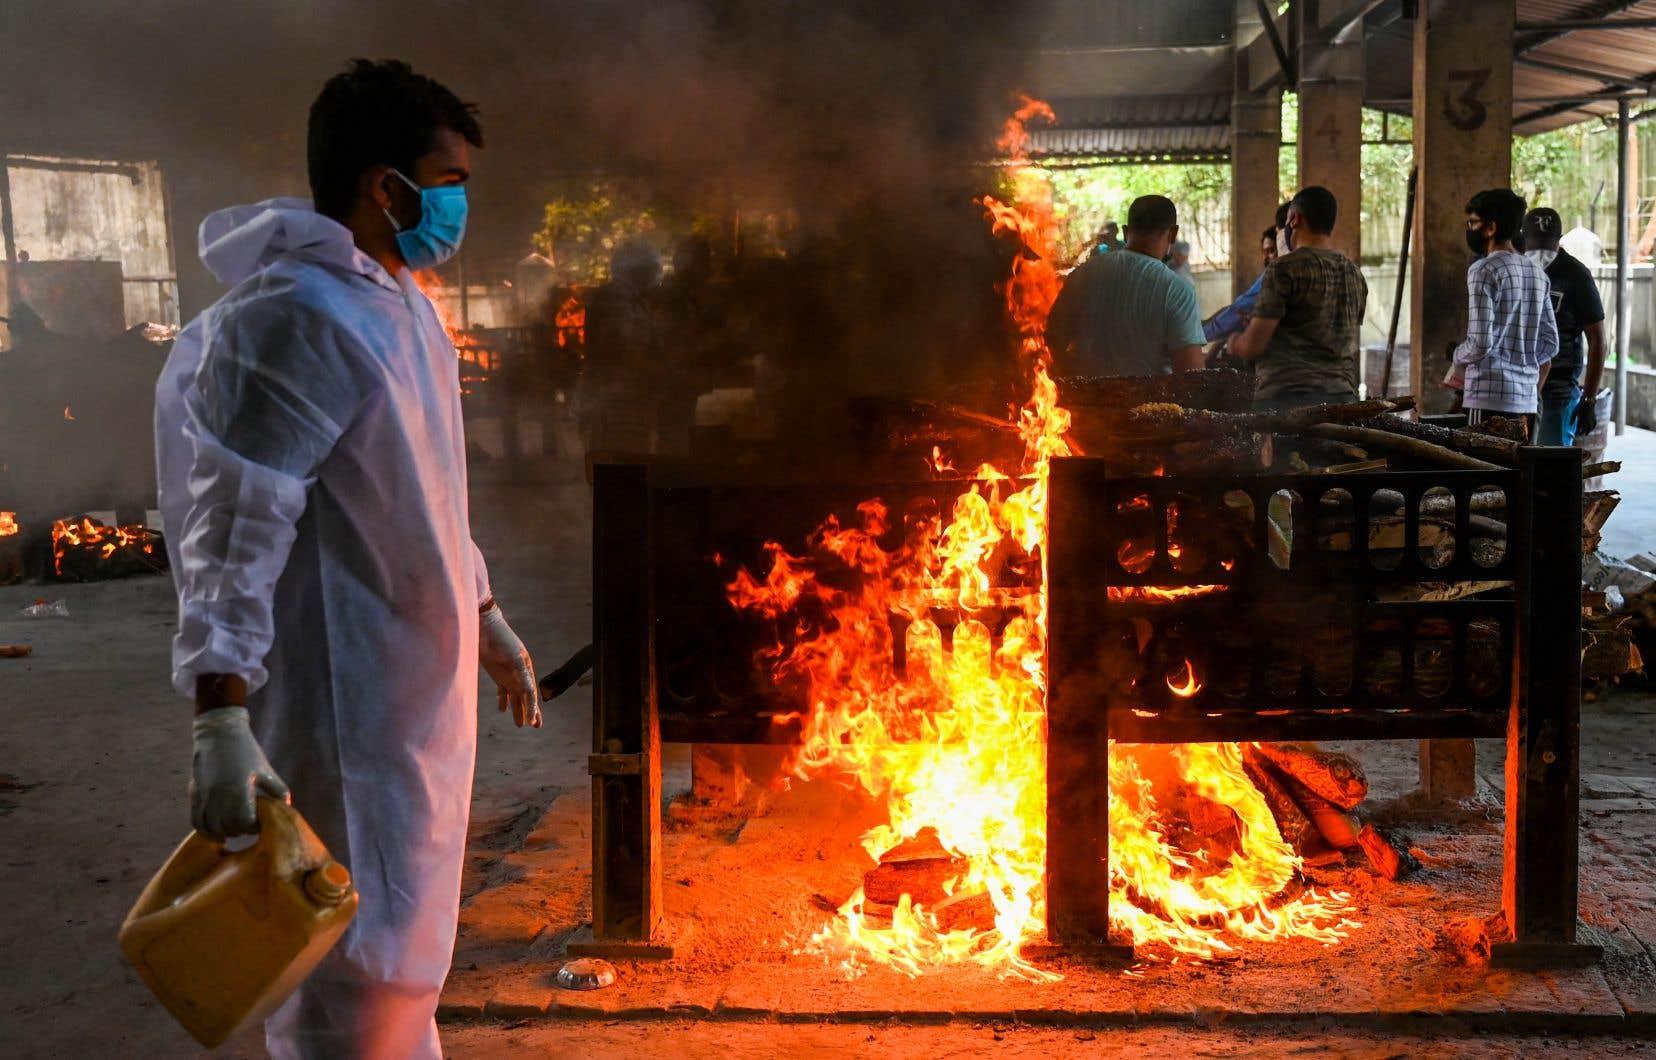 Un membre du personnel du crématorium brûle les restes d'une victime du coronavirus, décédée lors d'un incendie qui a tué 13 patients à l'hôpital Vijay Vallabh de Virar.